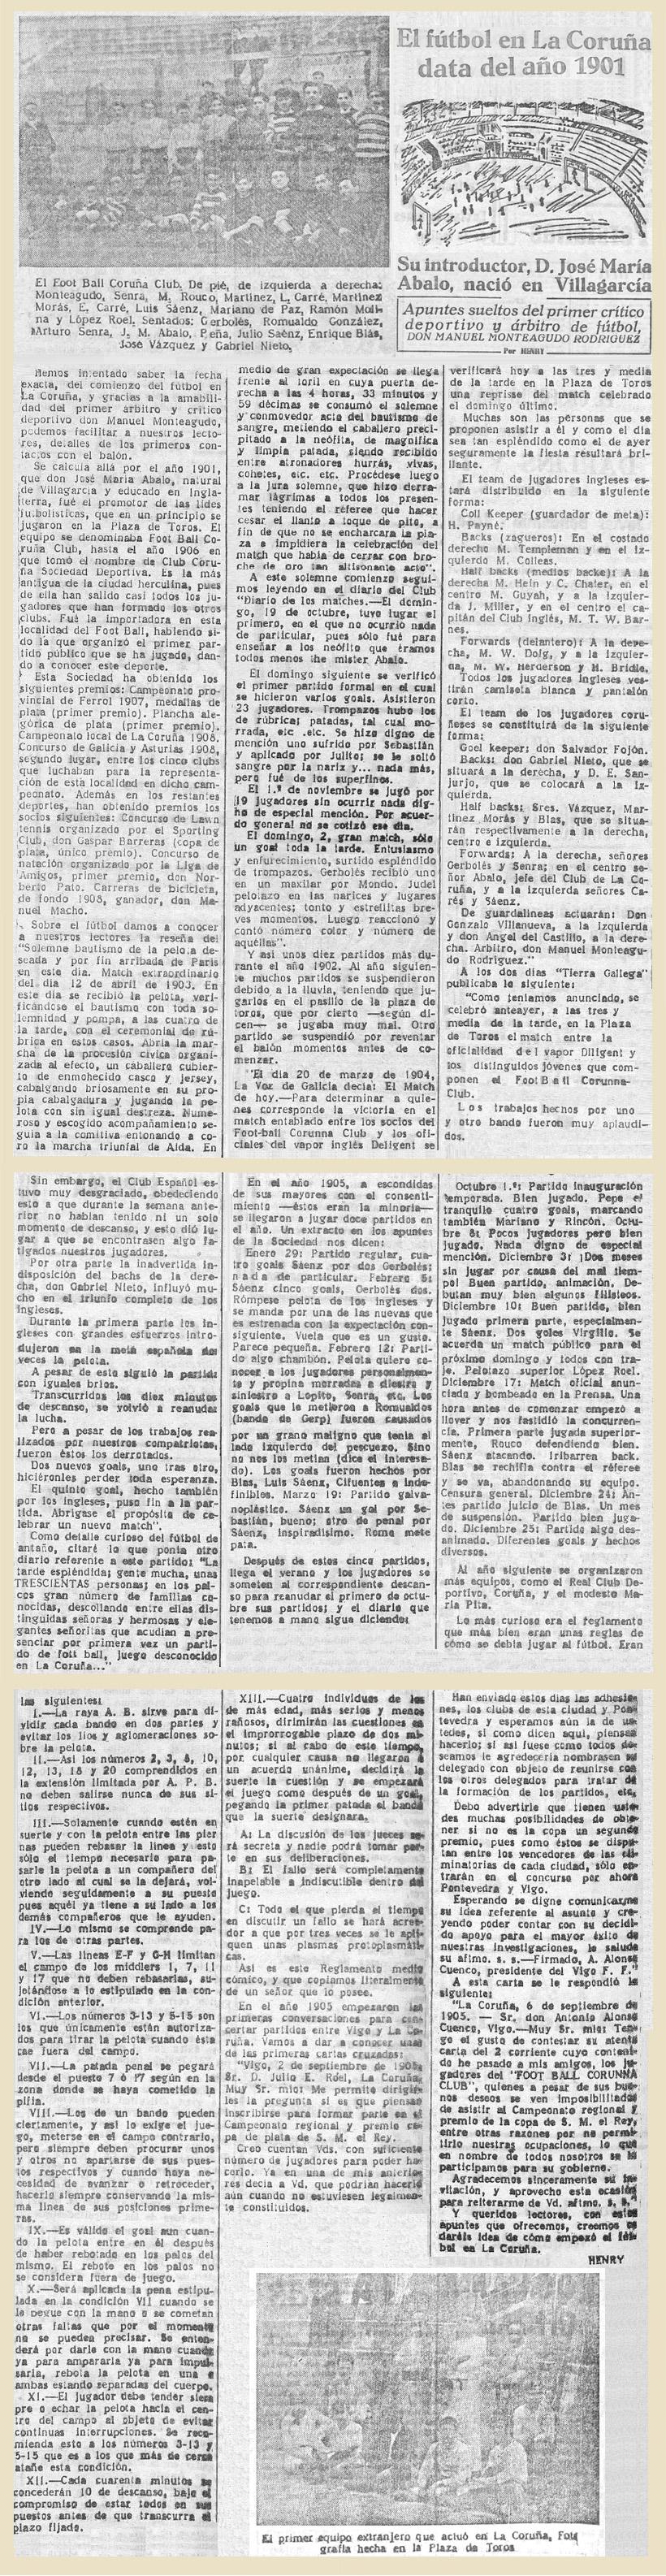 Origen del futbol en La Coruña 1901